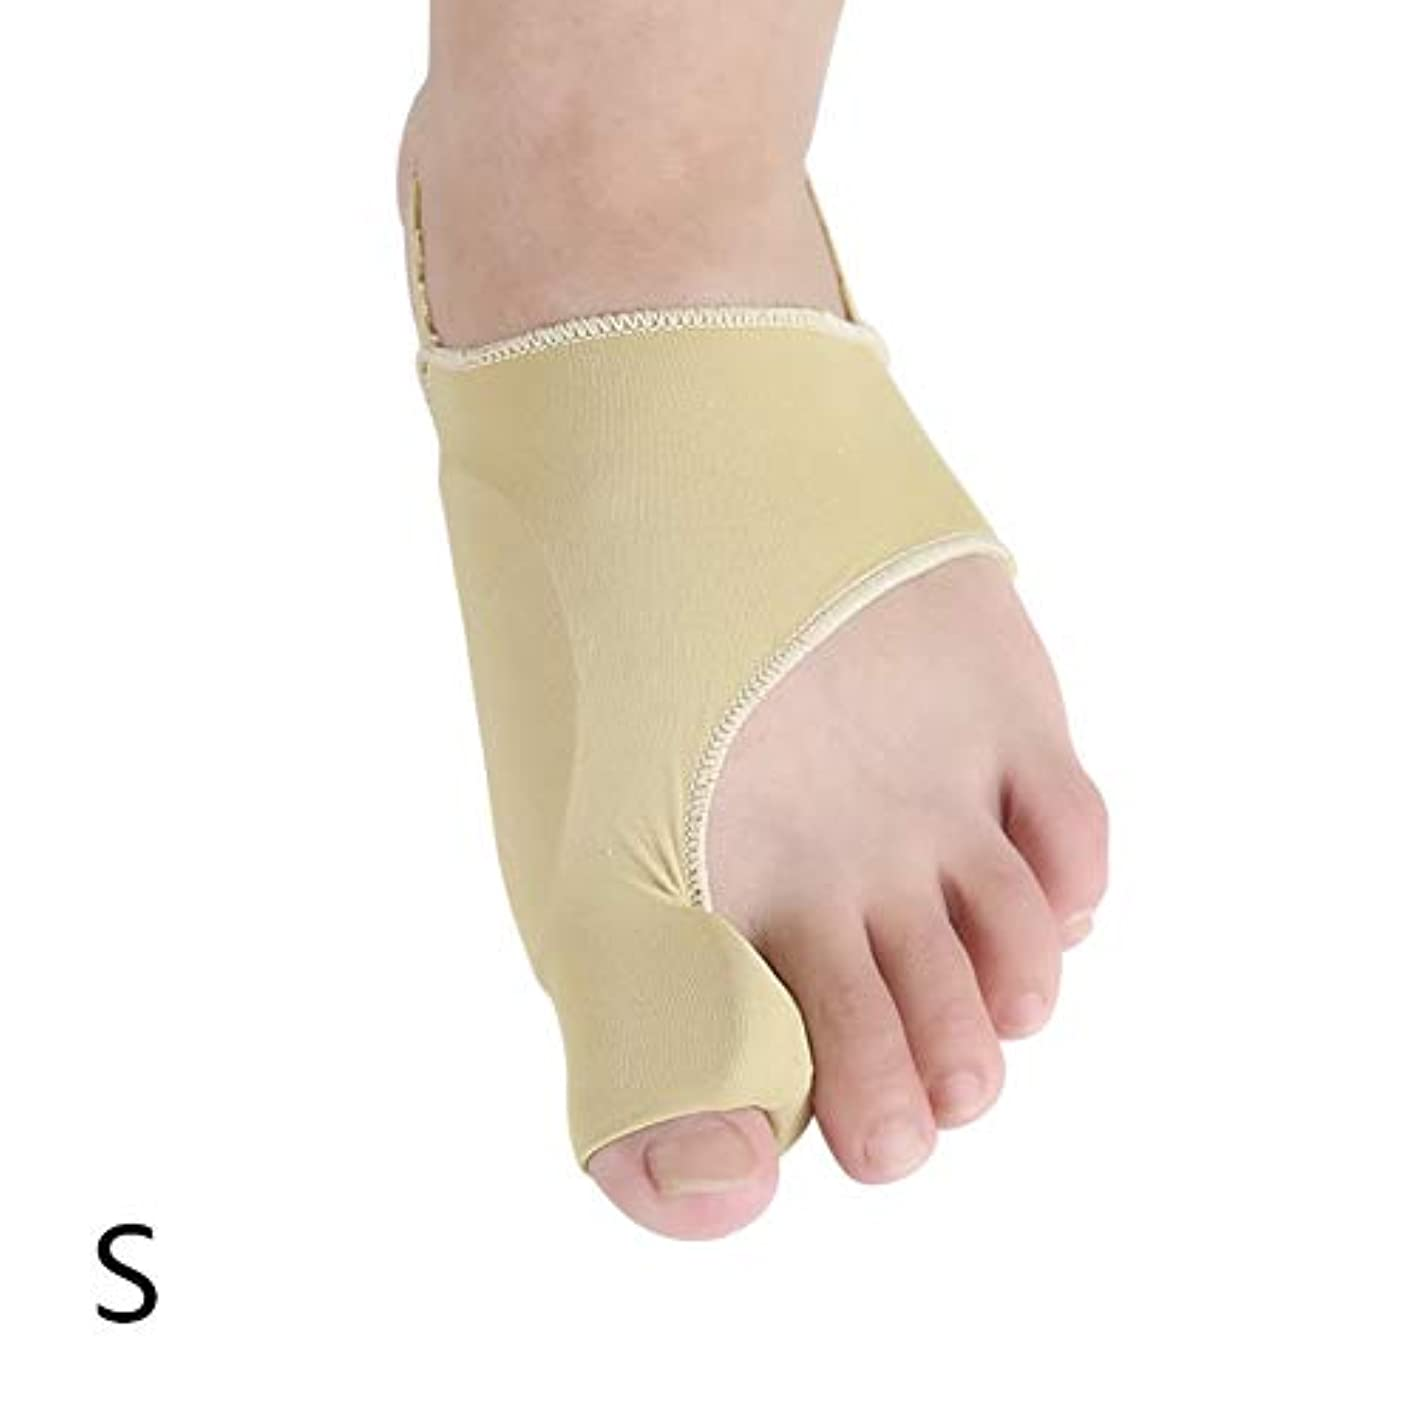 KISSION 親指外反矯正 大骨矯正ベルト つま先セパレーター 毎日の使用 つま先の分離保護 フットケアツール 男性と女性のつま先プロテクター